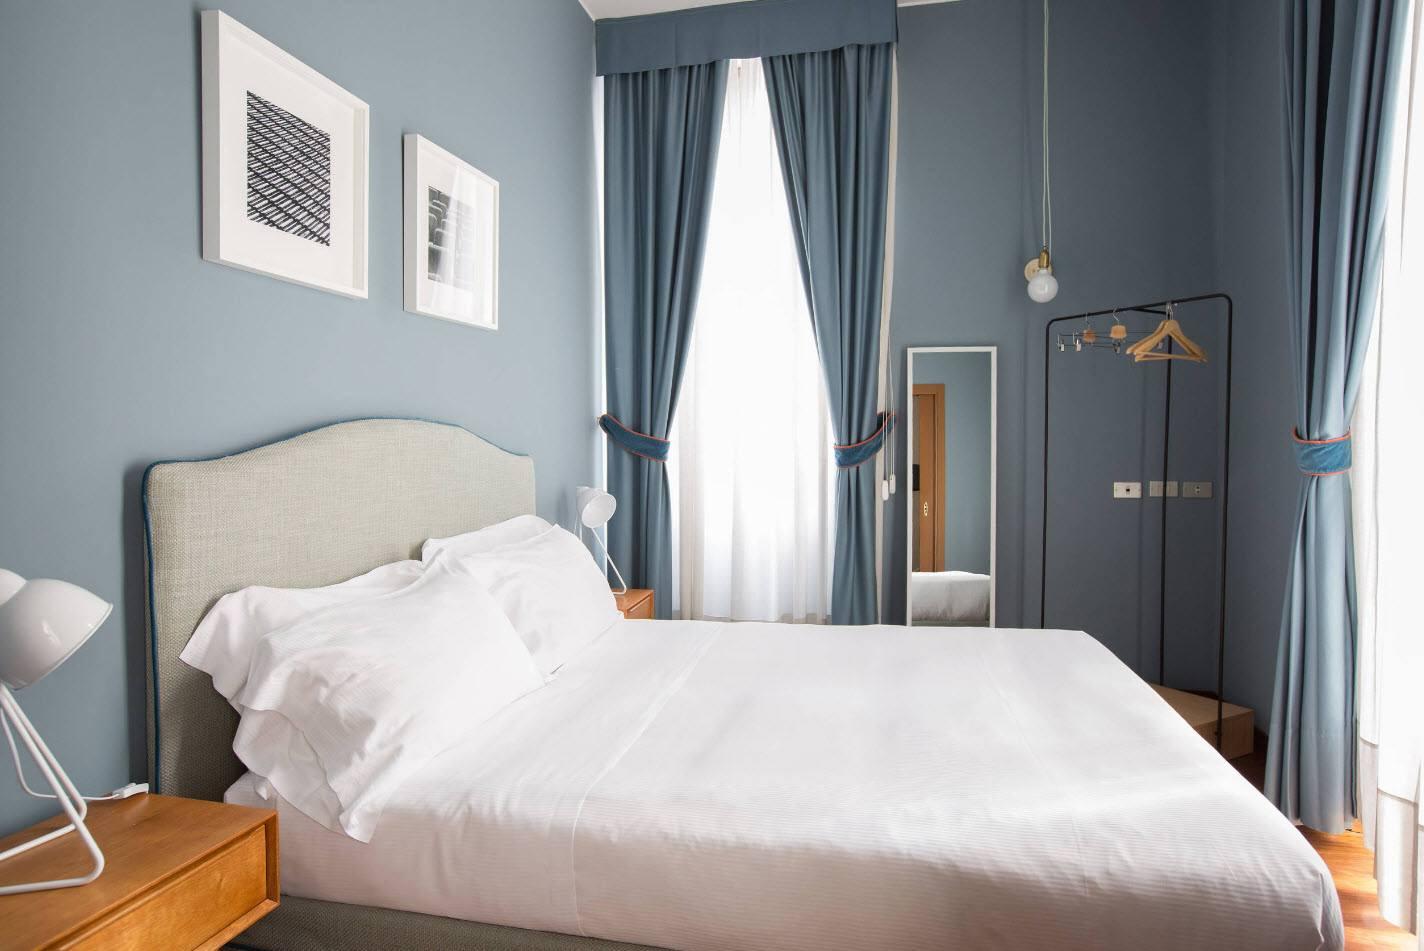 Как выбрать цветовую гамму для дизайна маленькой комнаты: 60 фото